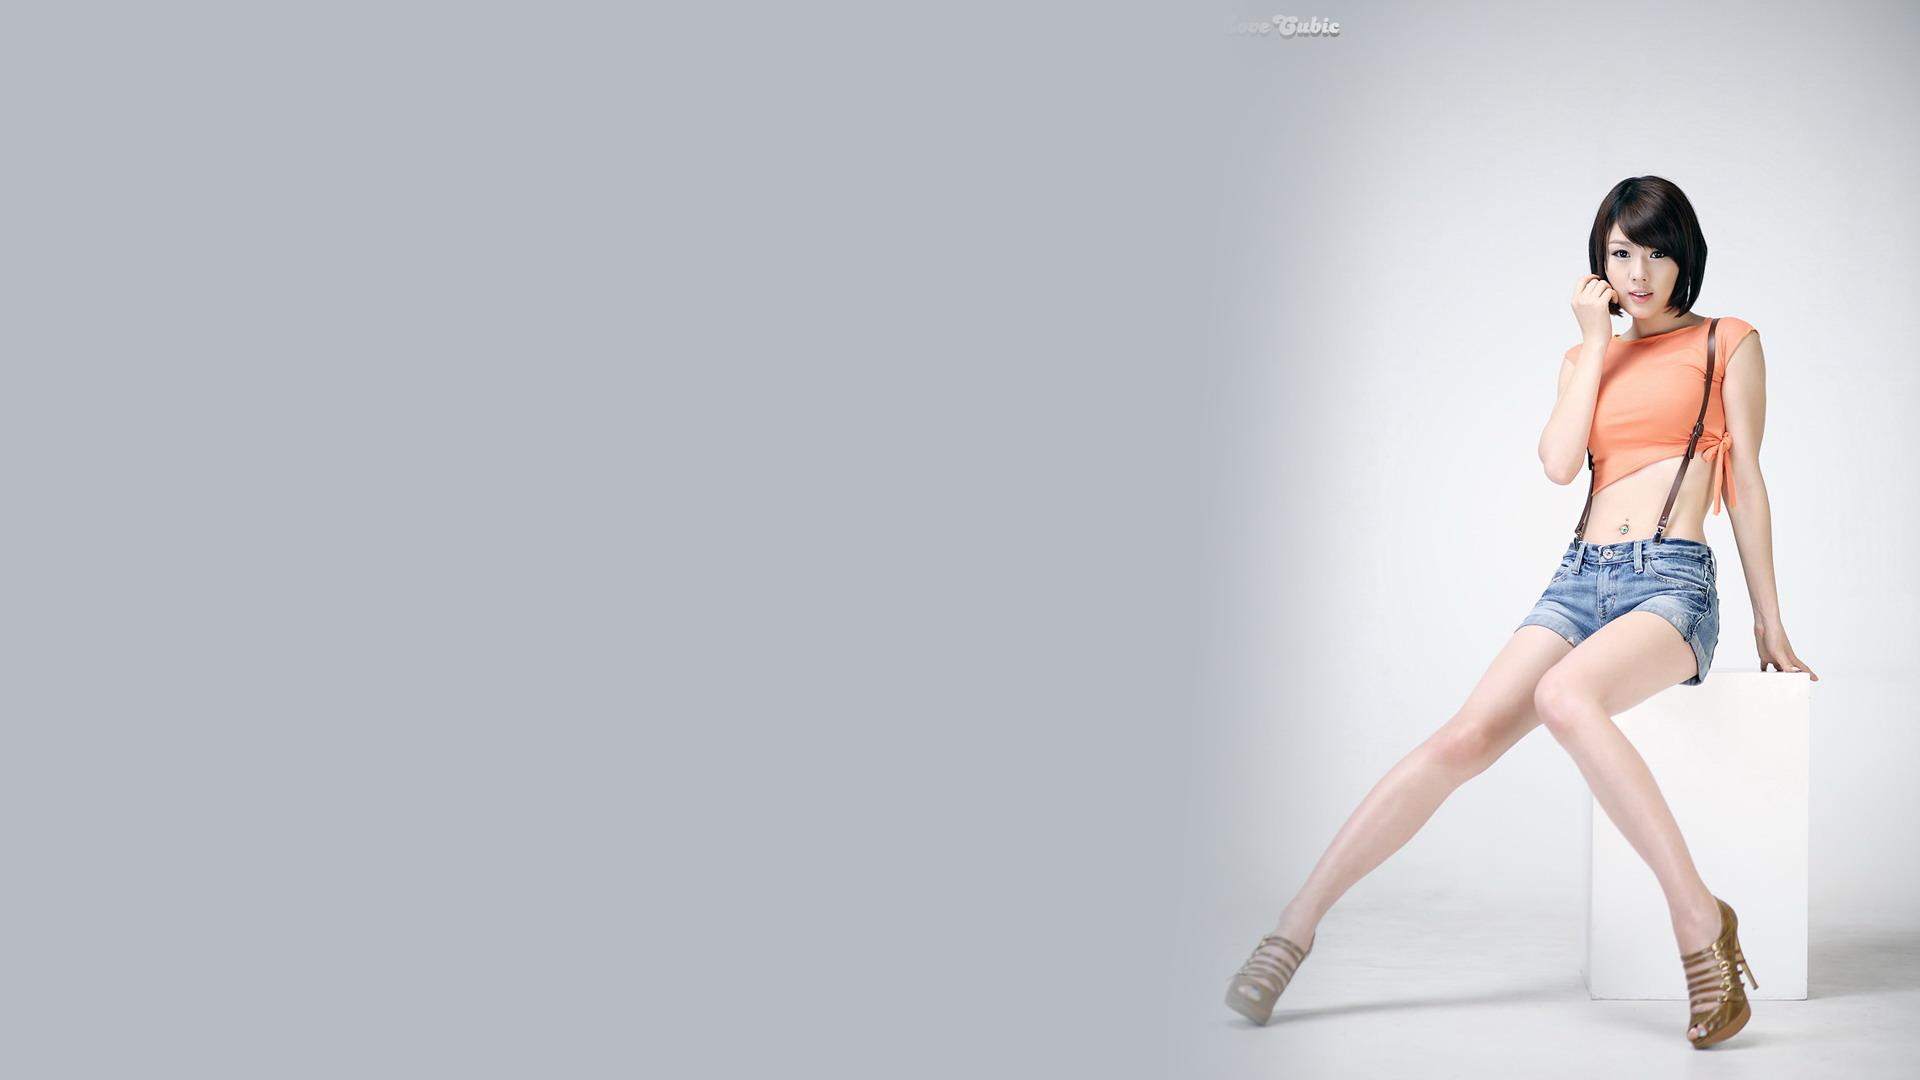 韩国美女车模黄美姬高清宽屏壁纸